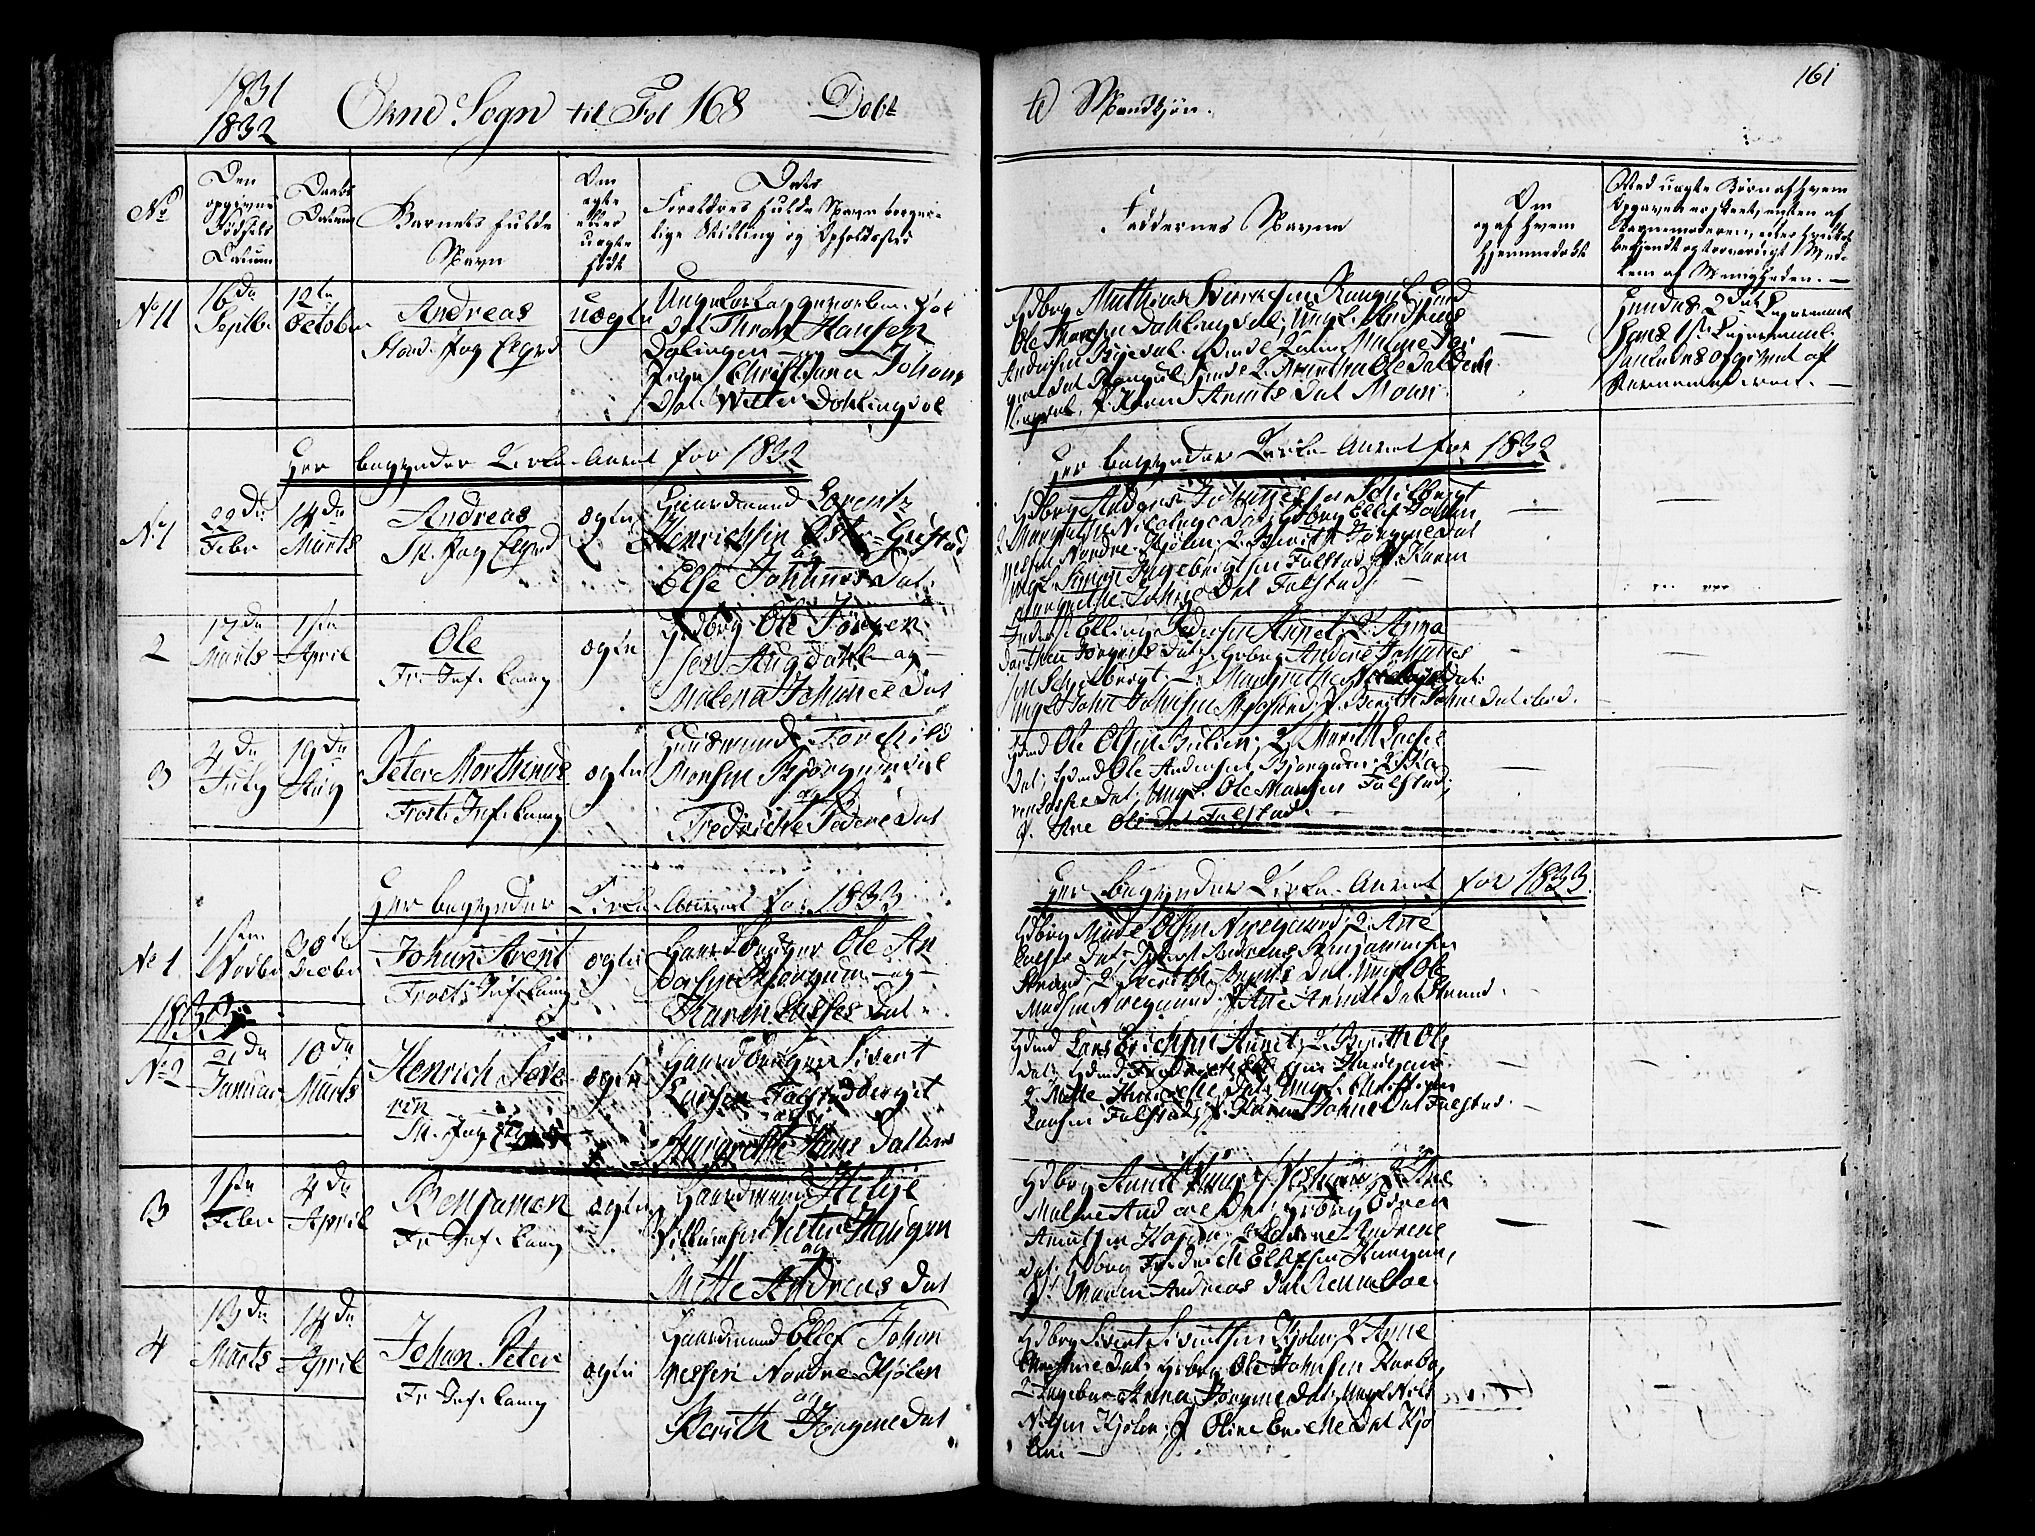 SAT, Ministerialprotokoller, klokkerbøker og fødselsregistre - Nord-Trøndelag, 717/L0152: Ministerialbok nr. 717A05 /2, 1828-1836, s. 161